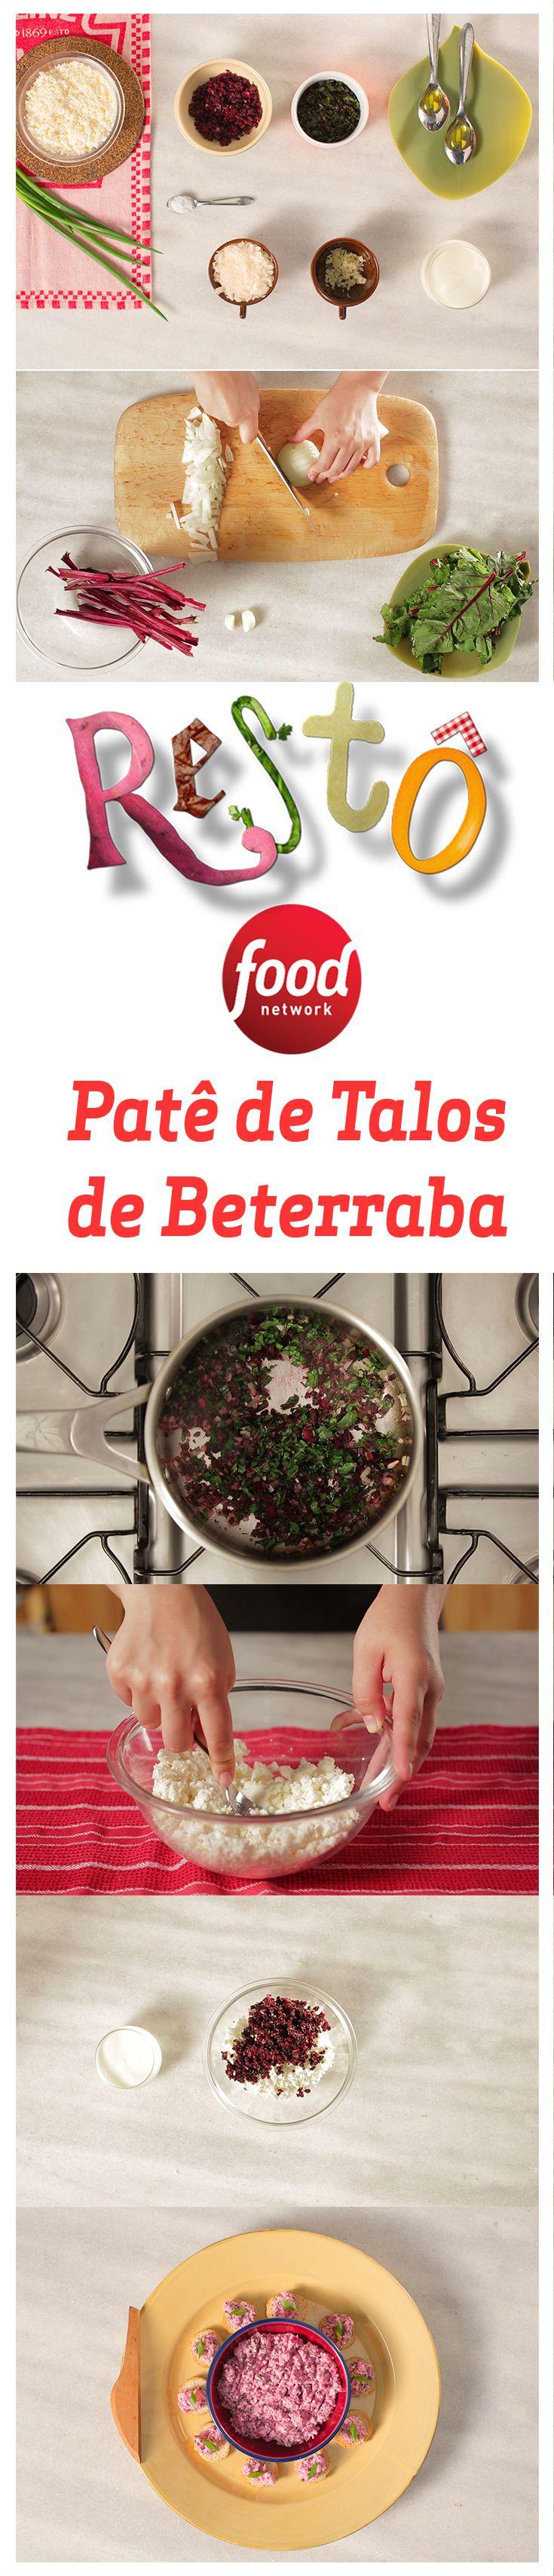 Essa receita de Patê de Talos de Beterraba é nutritiva, sustentável e fica uma delícia como acompanhamento para seus petiscos preferidos.